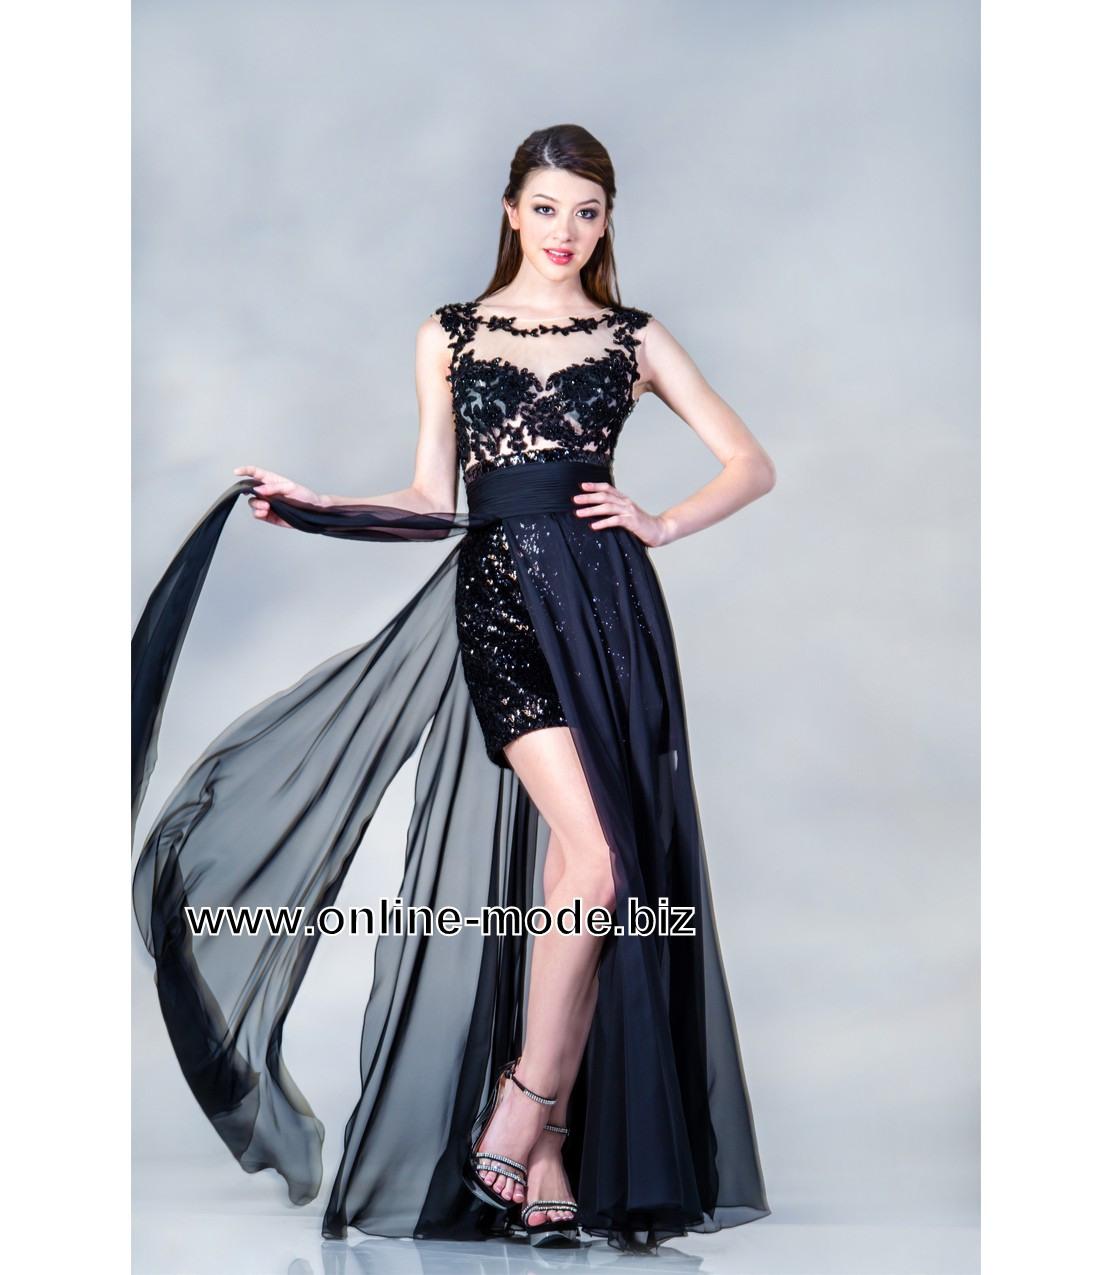 20 Cool Abendmode Kleider Kurz Stylish15 Einfach Abendmode Kleider Kurz Bester Preis